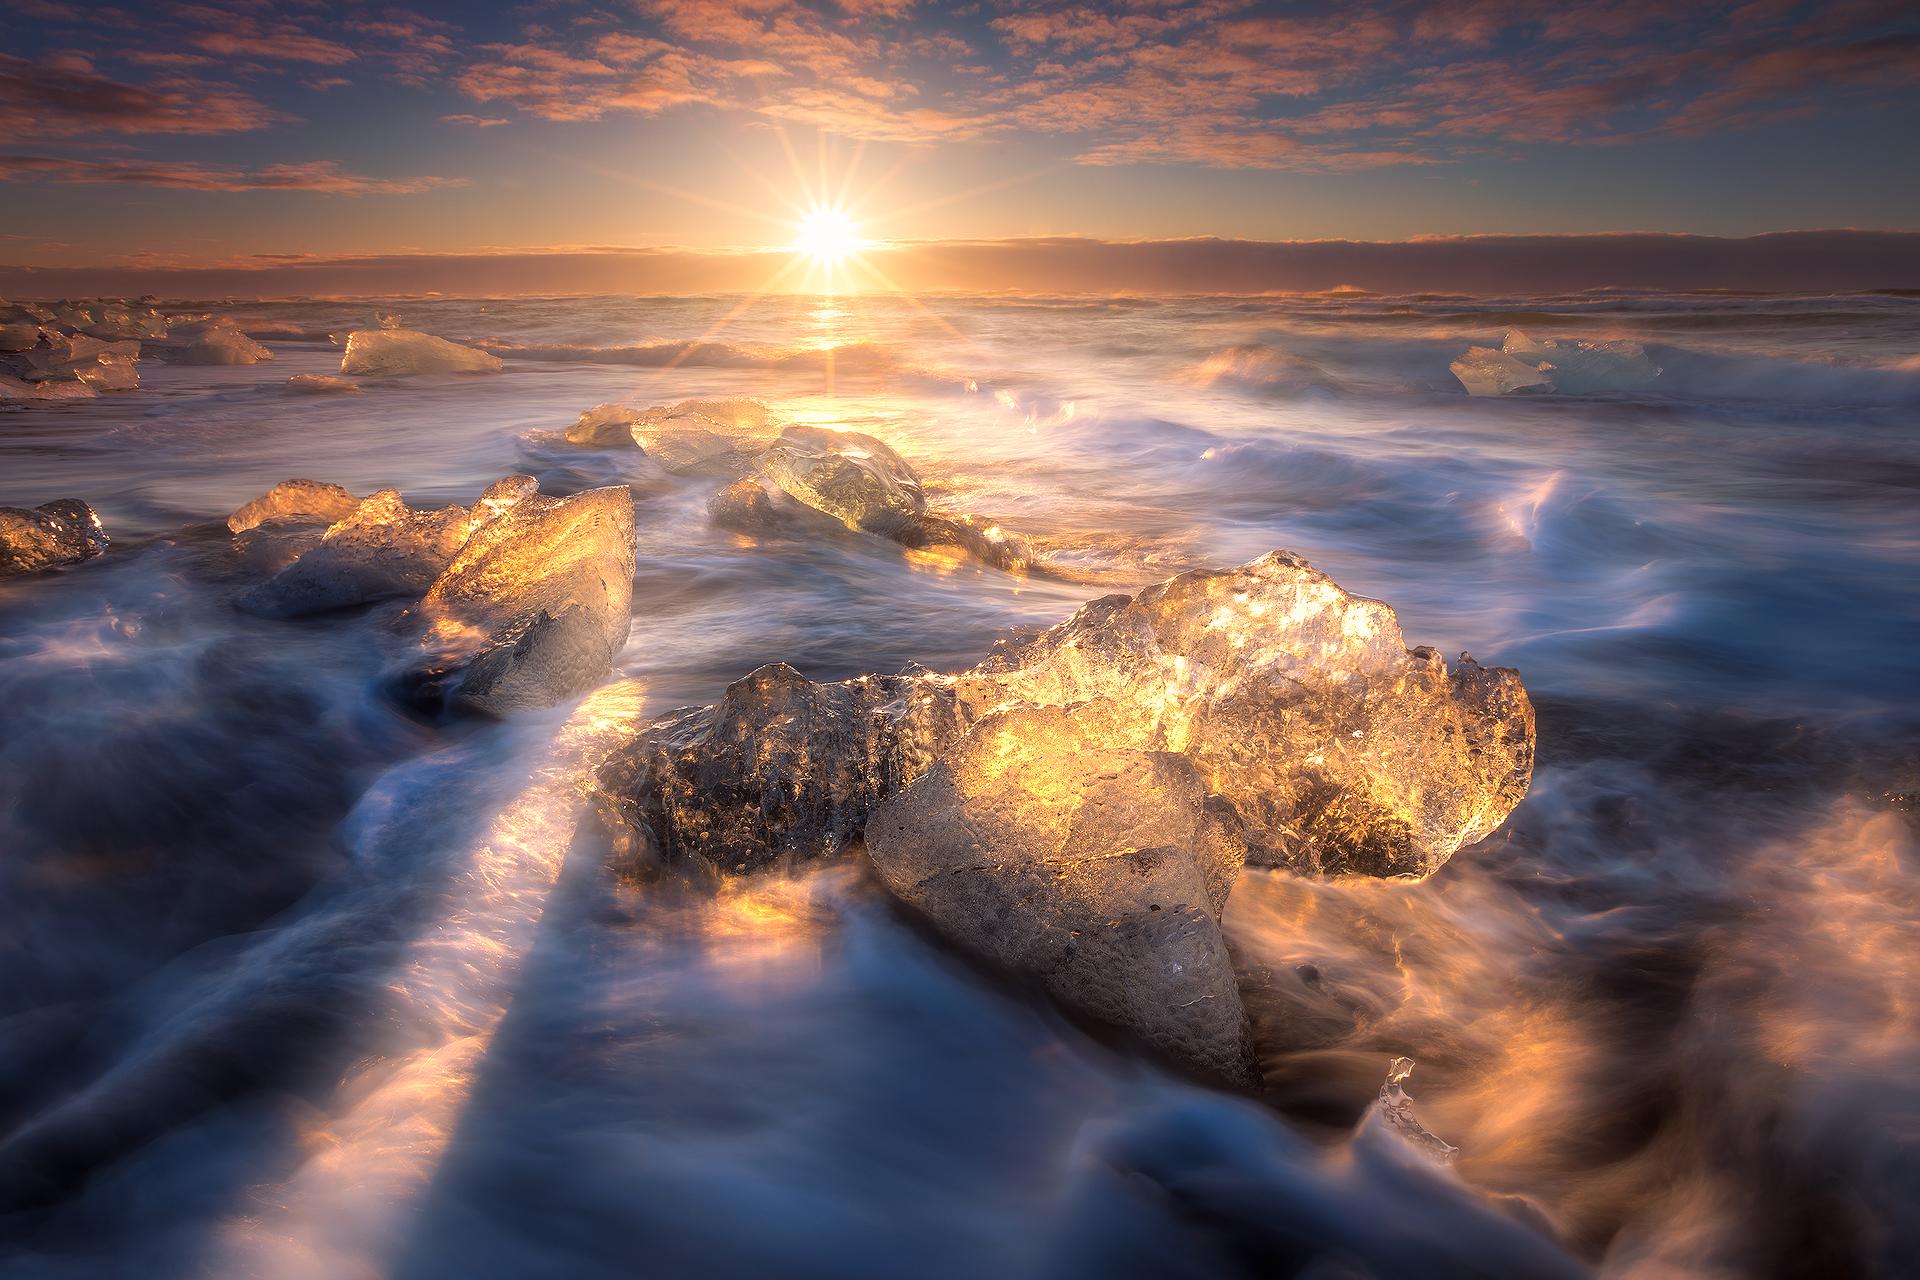 I pezzi di ghiaccio nella Spiaggia dei Diamanti ti sorprenderanno a qualsiasi ora del giorno.